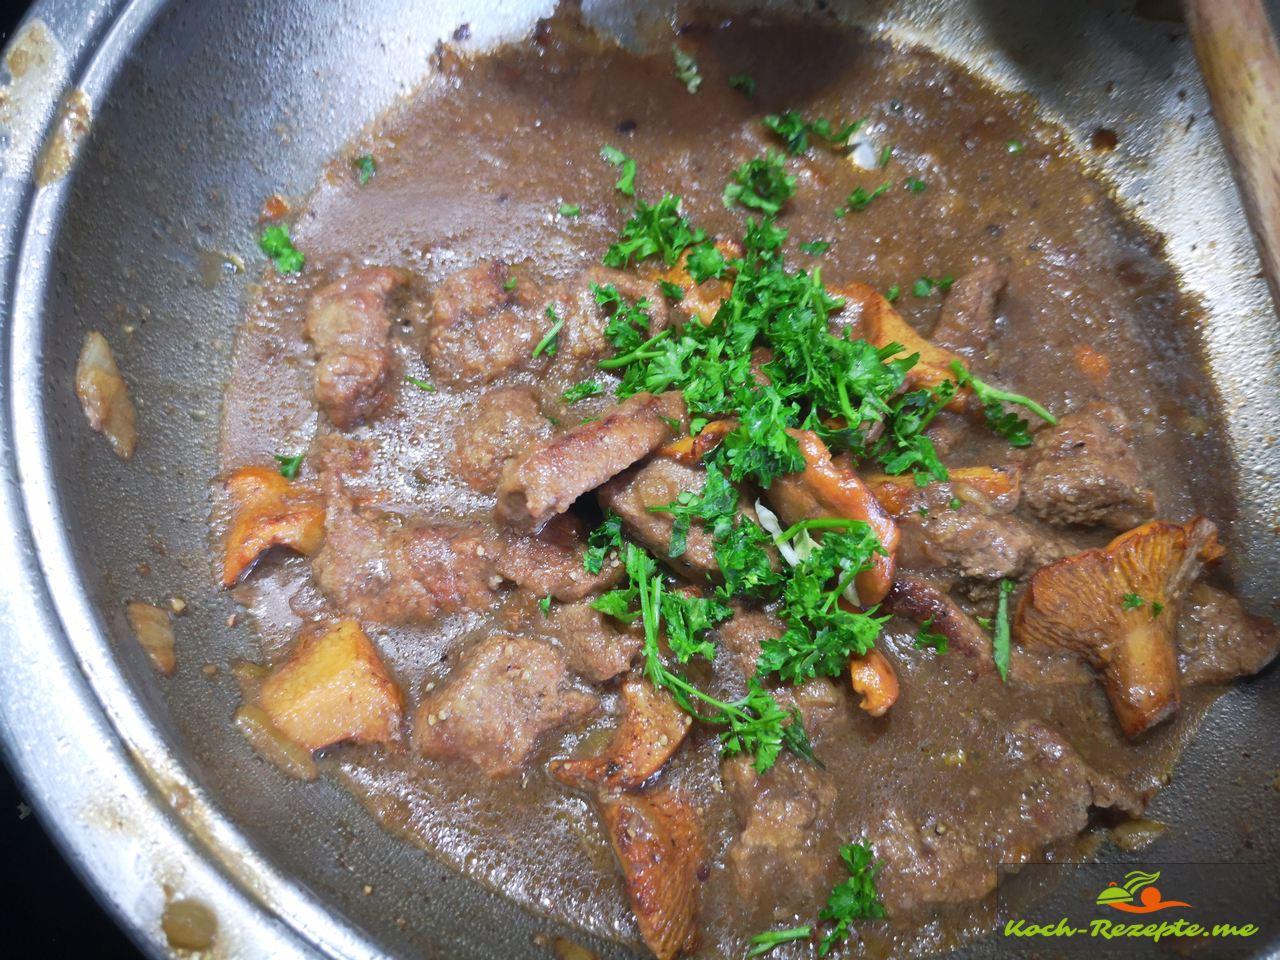 Kurz aufkochen und bei kleiner Hitze 8 Minuten ziehen lassen, mit Petersilie und Sojasauce abschmecken